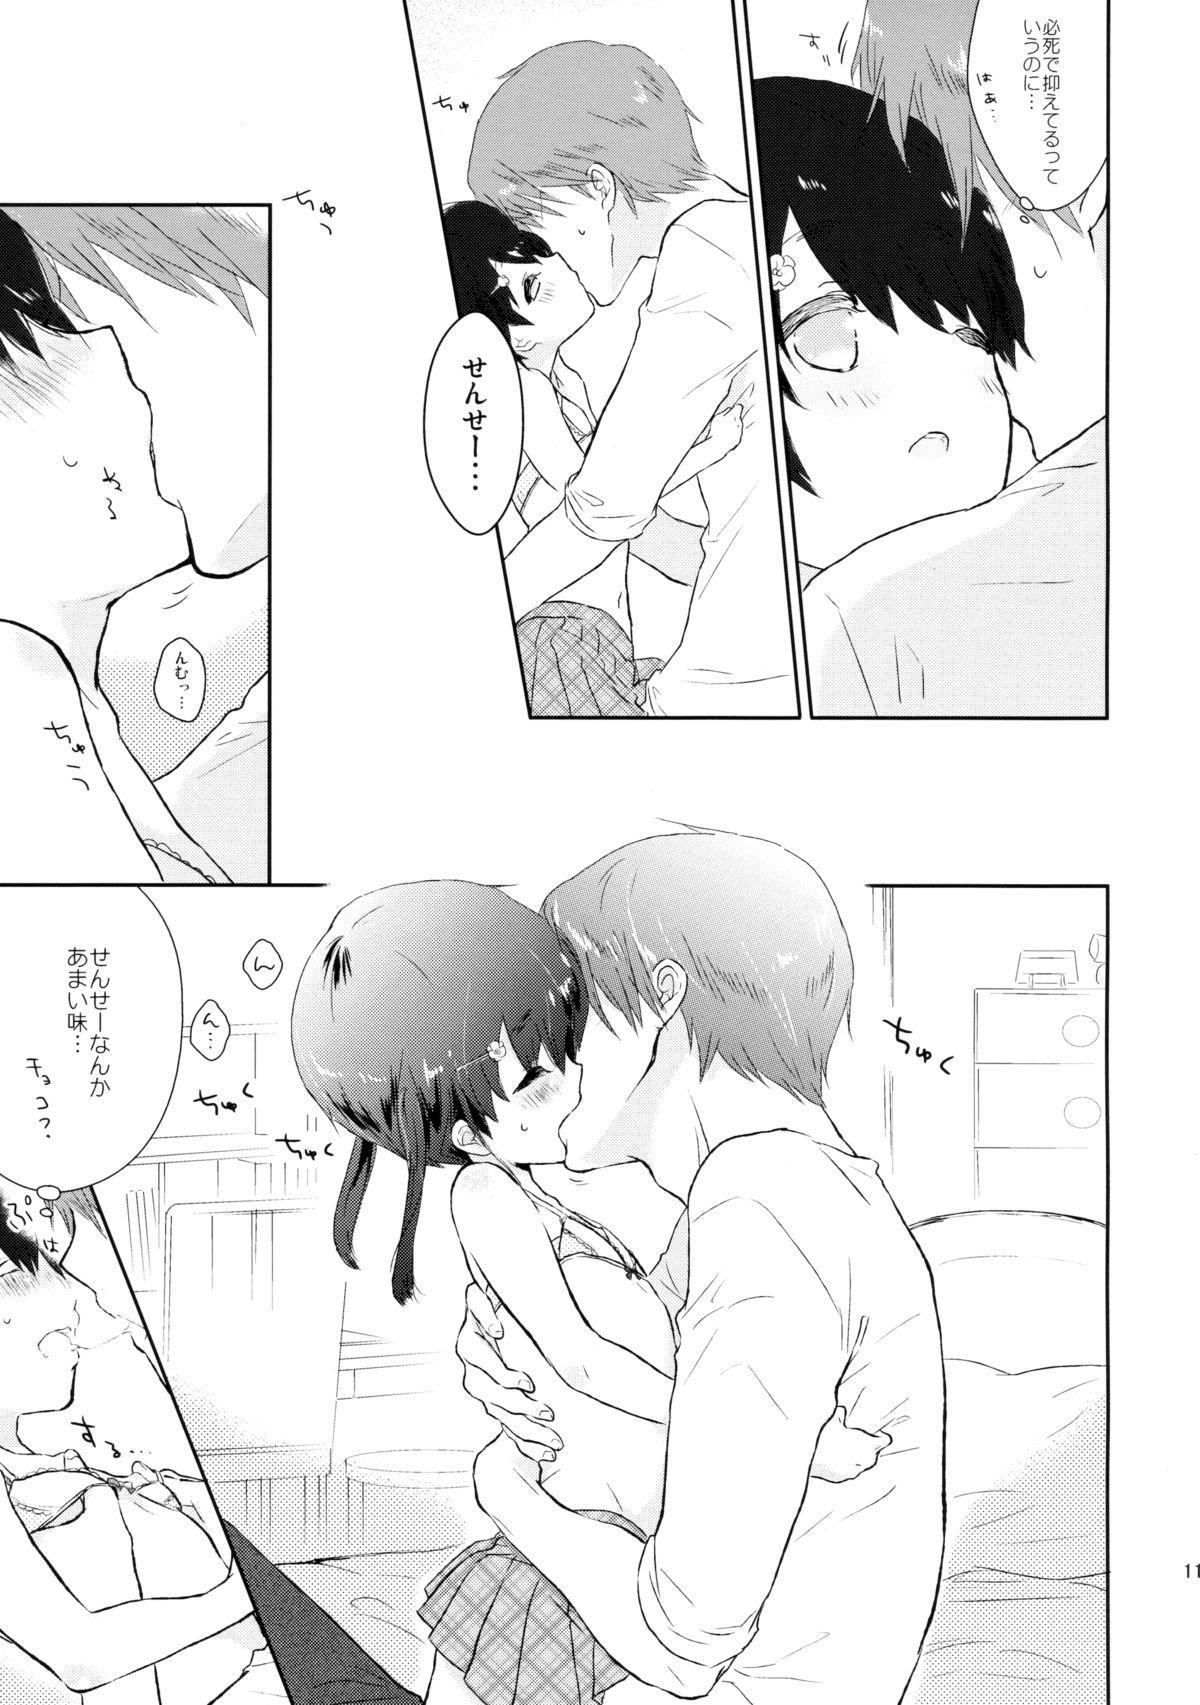 Yasashii Sensei no Kouryaku Houhou 11